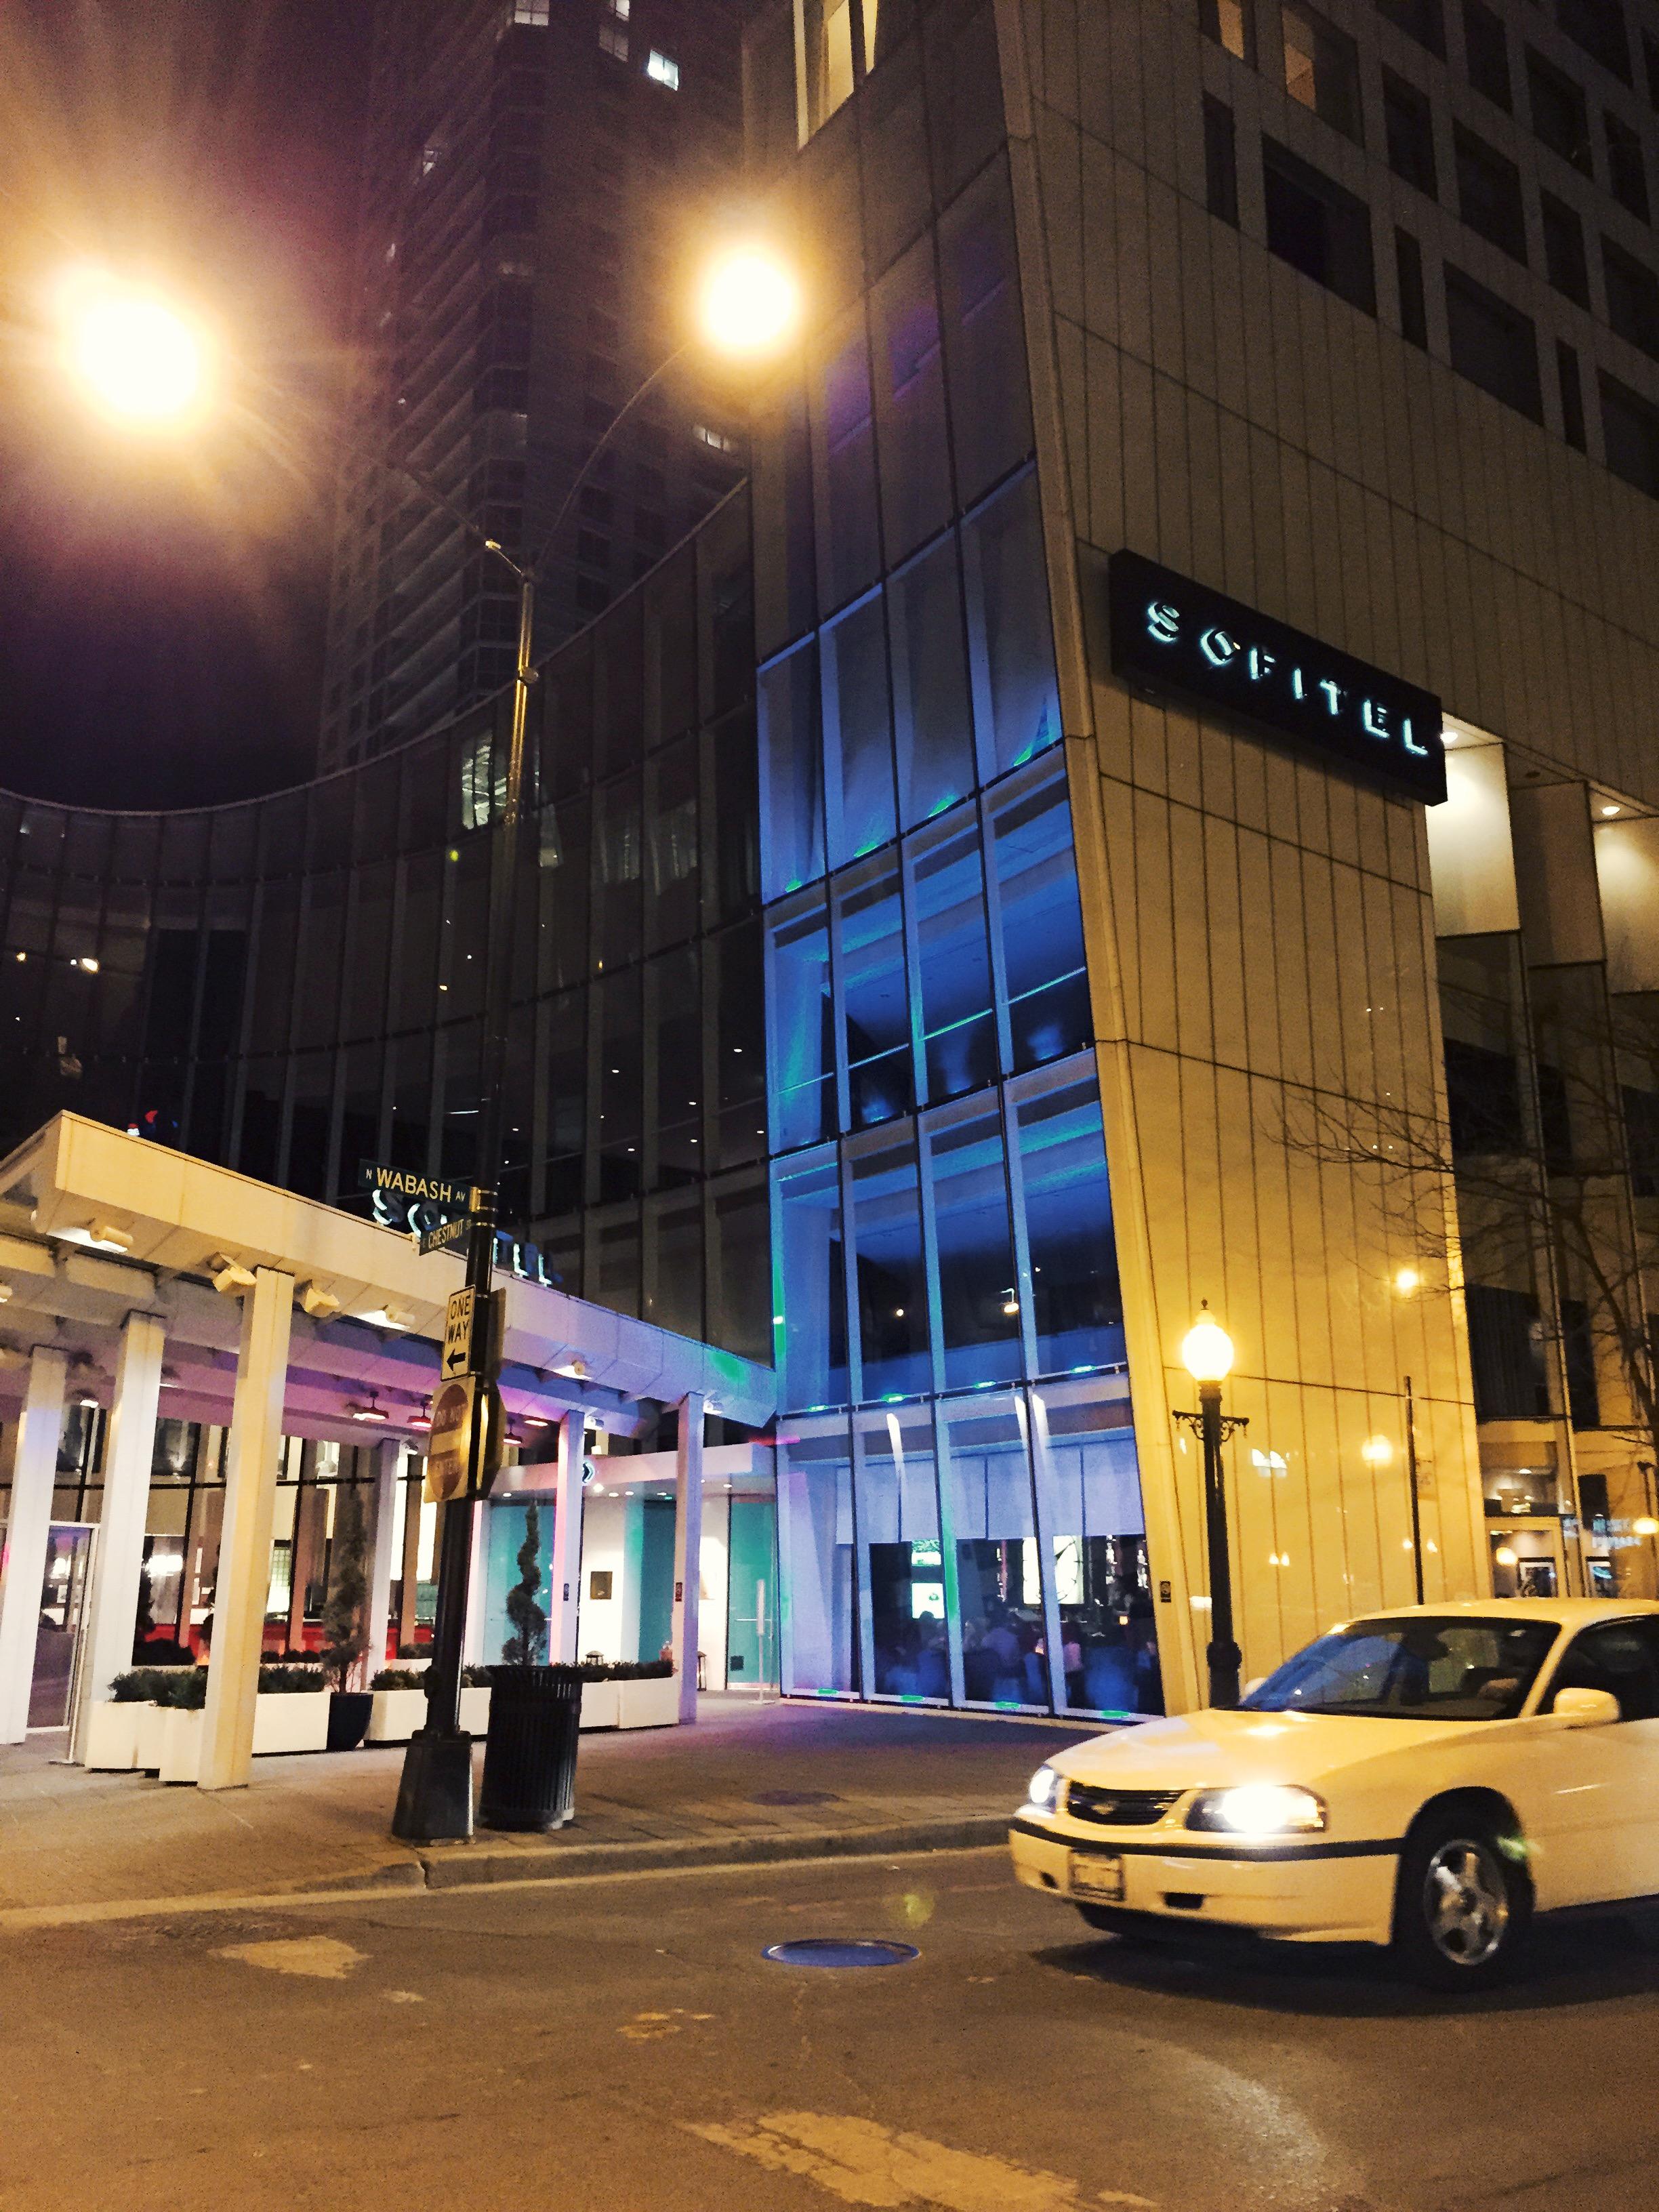 Hotel Sofitel, Wabash and Chestnut